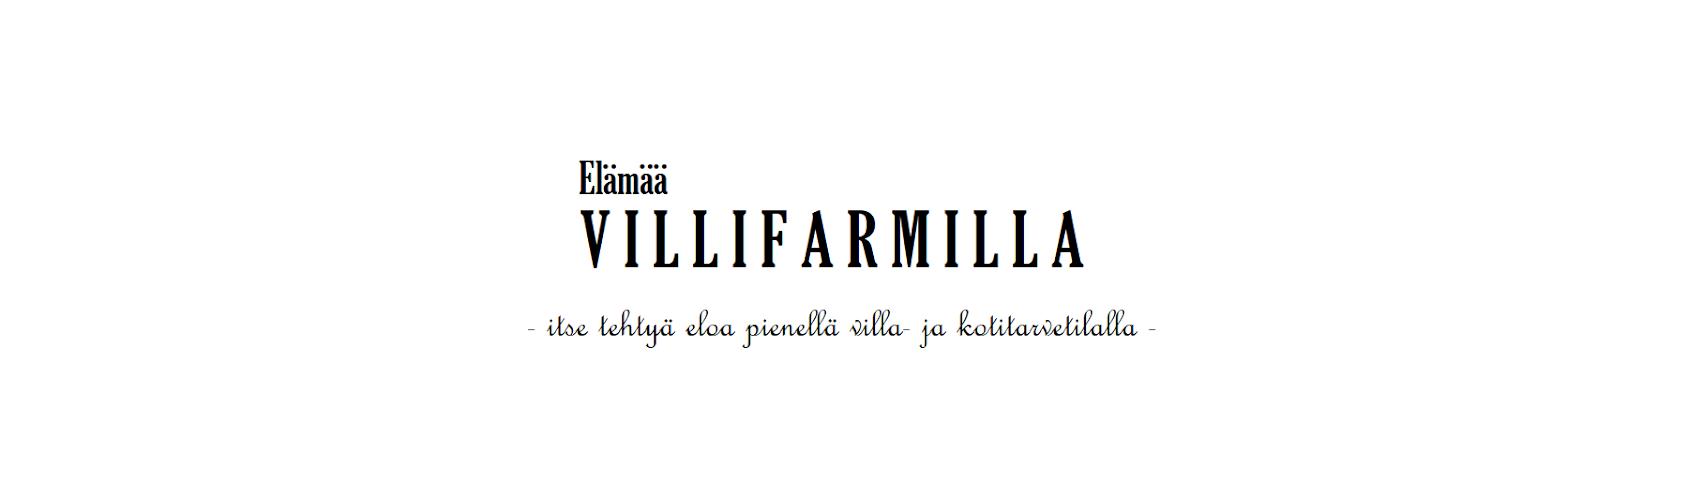 Villifarmilla